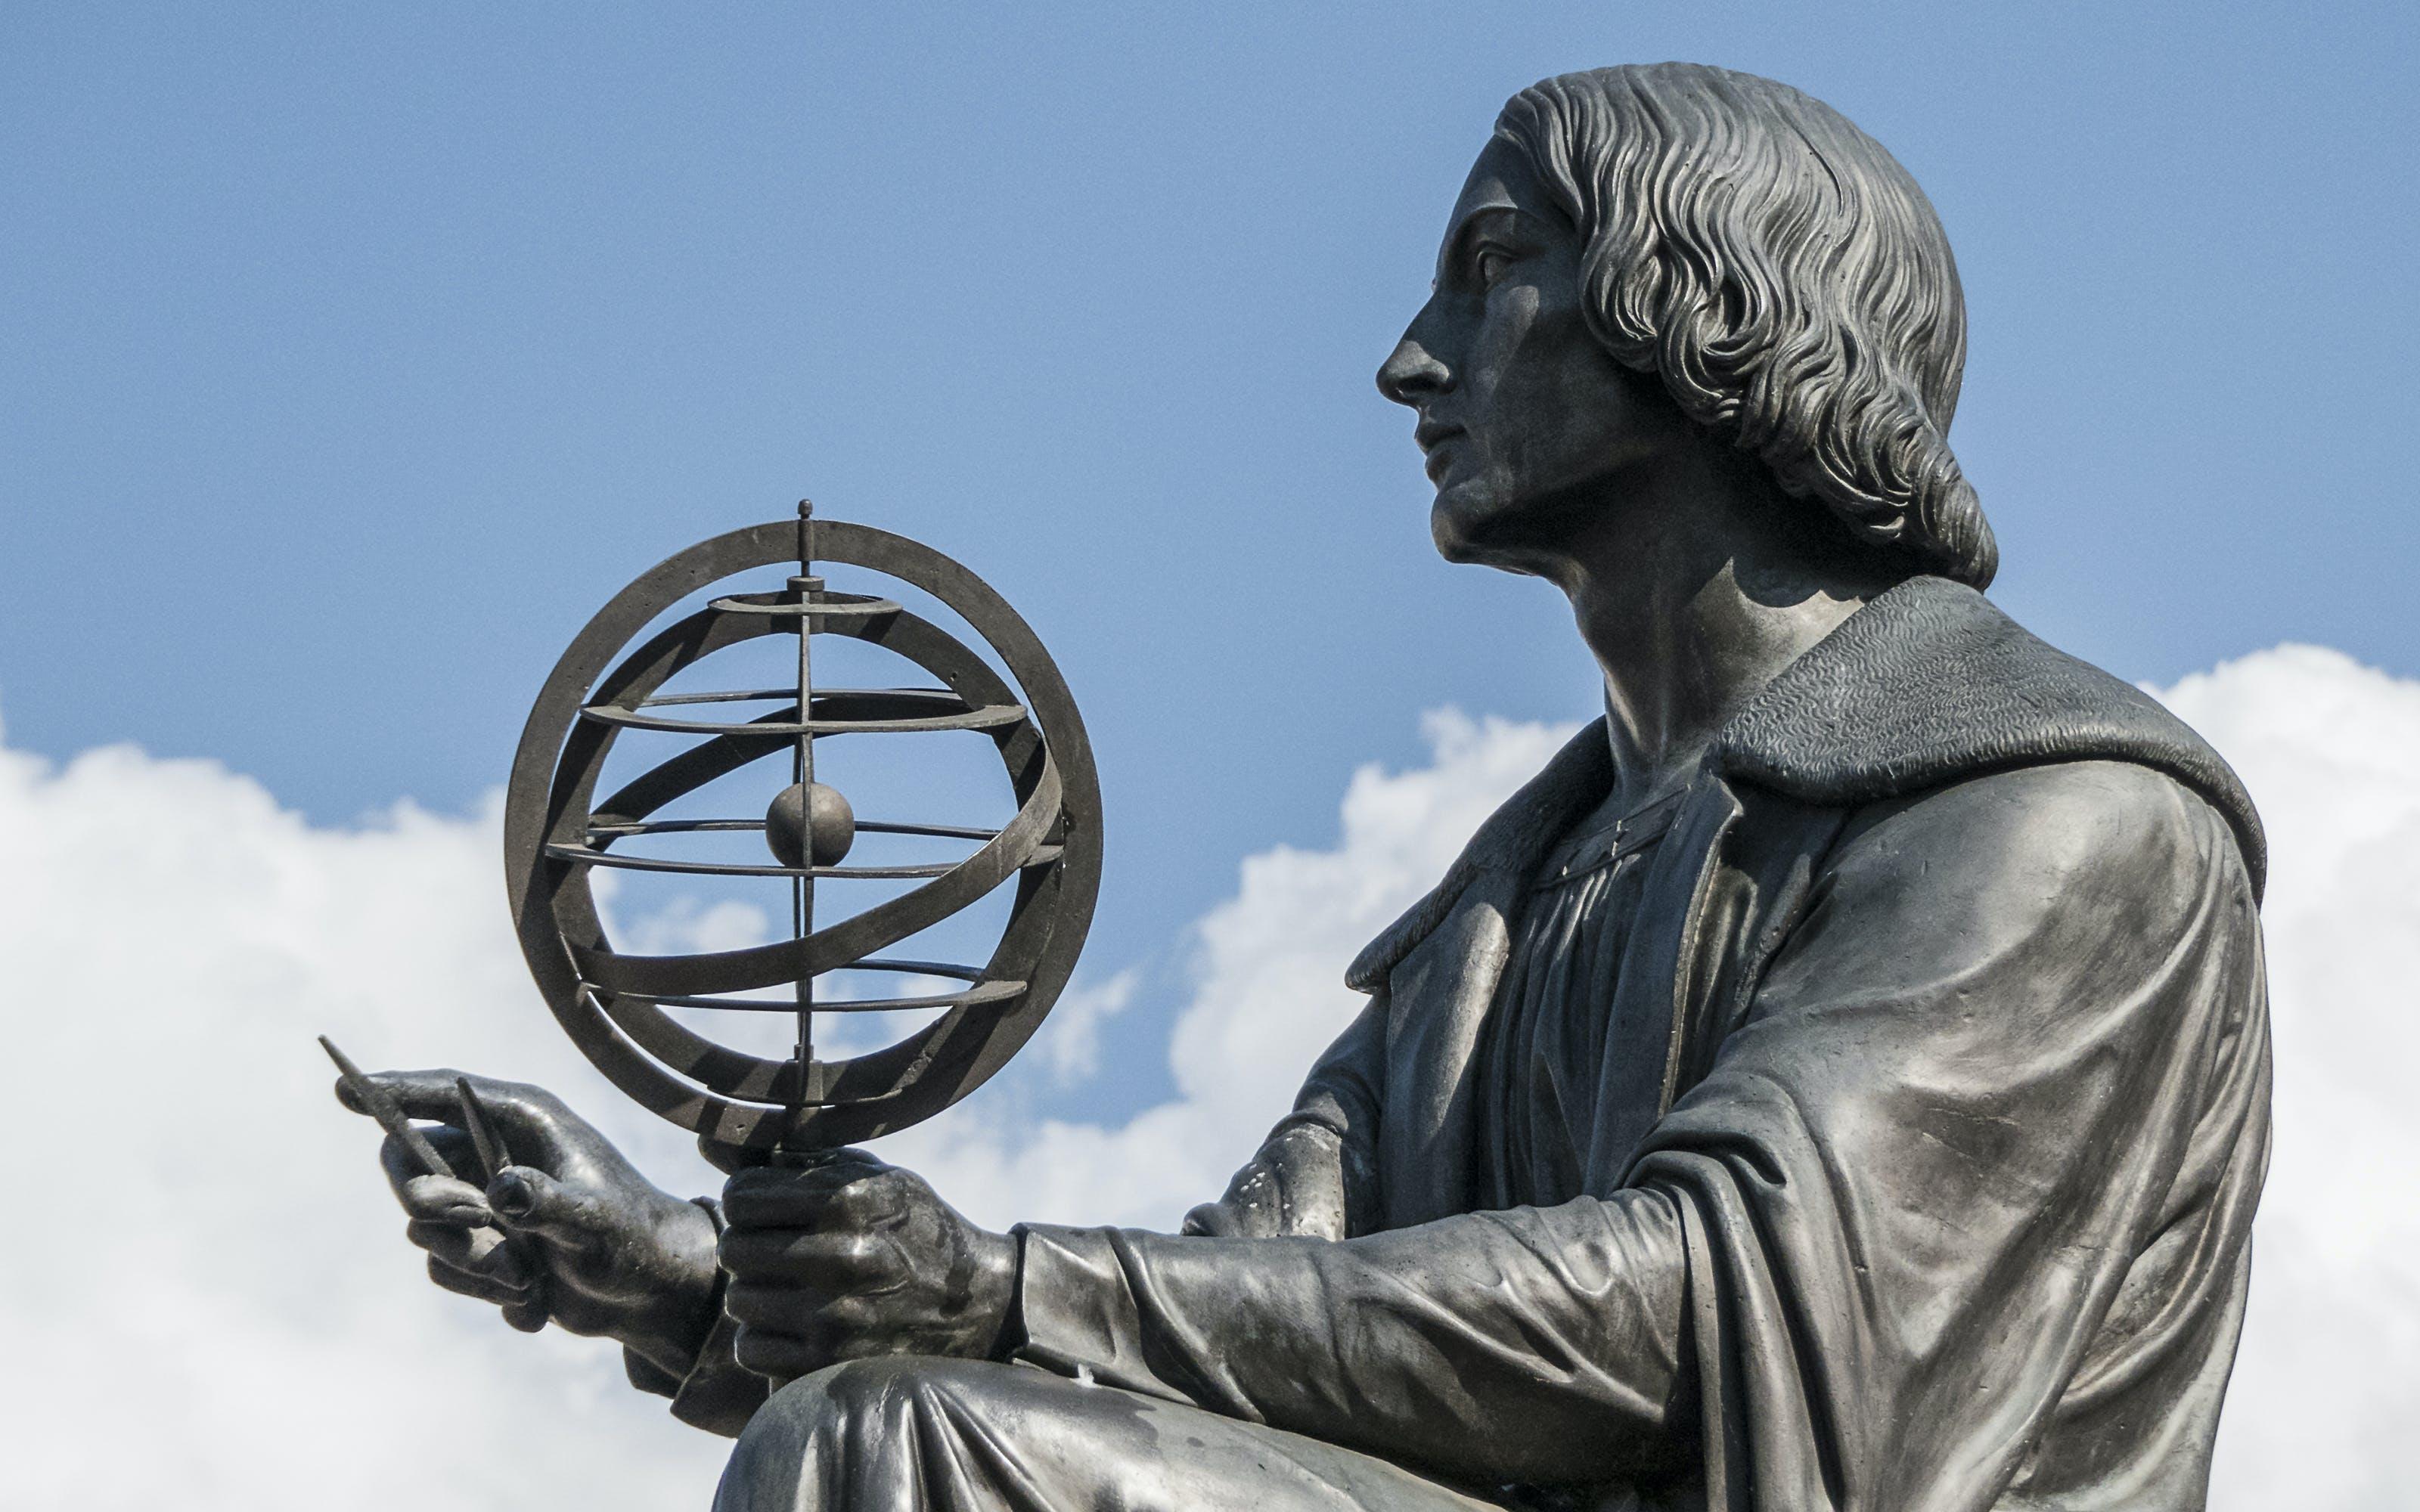 Gratis lagerfoto af copernicus, Globe, statue